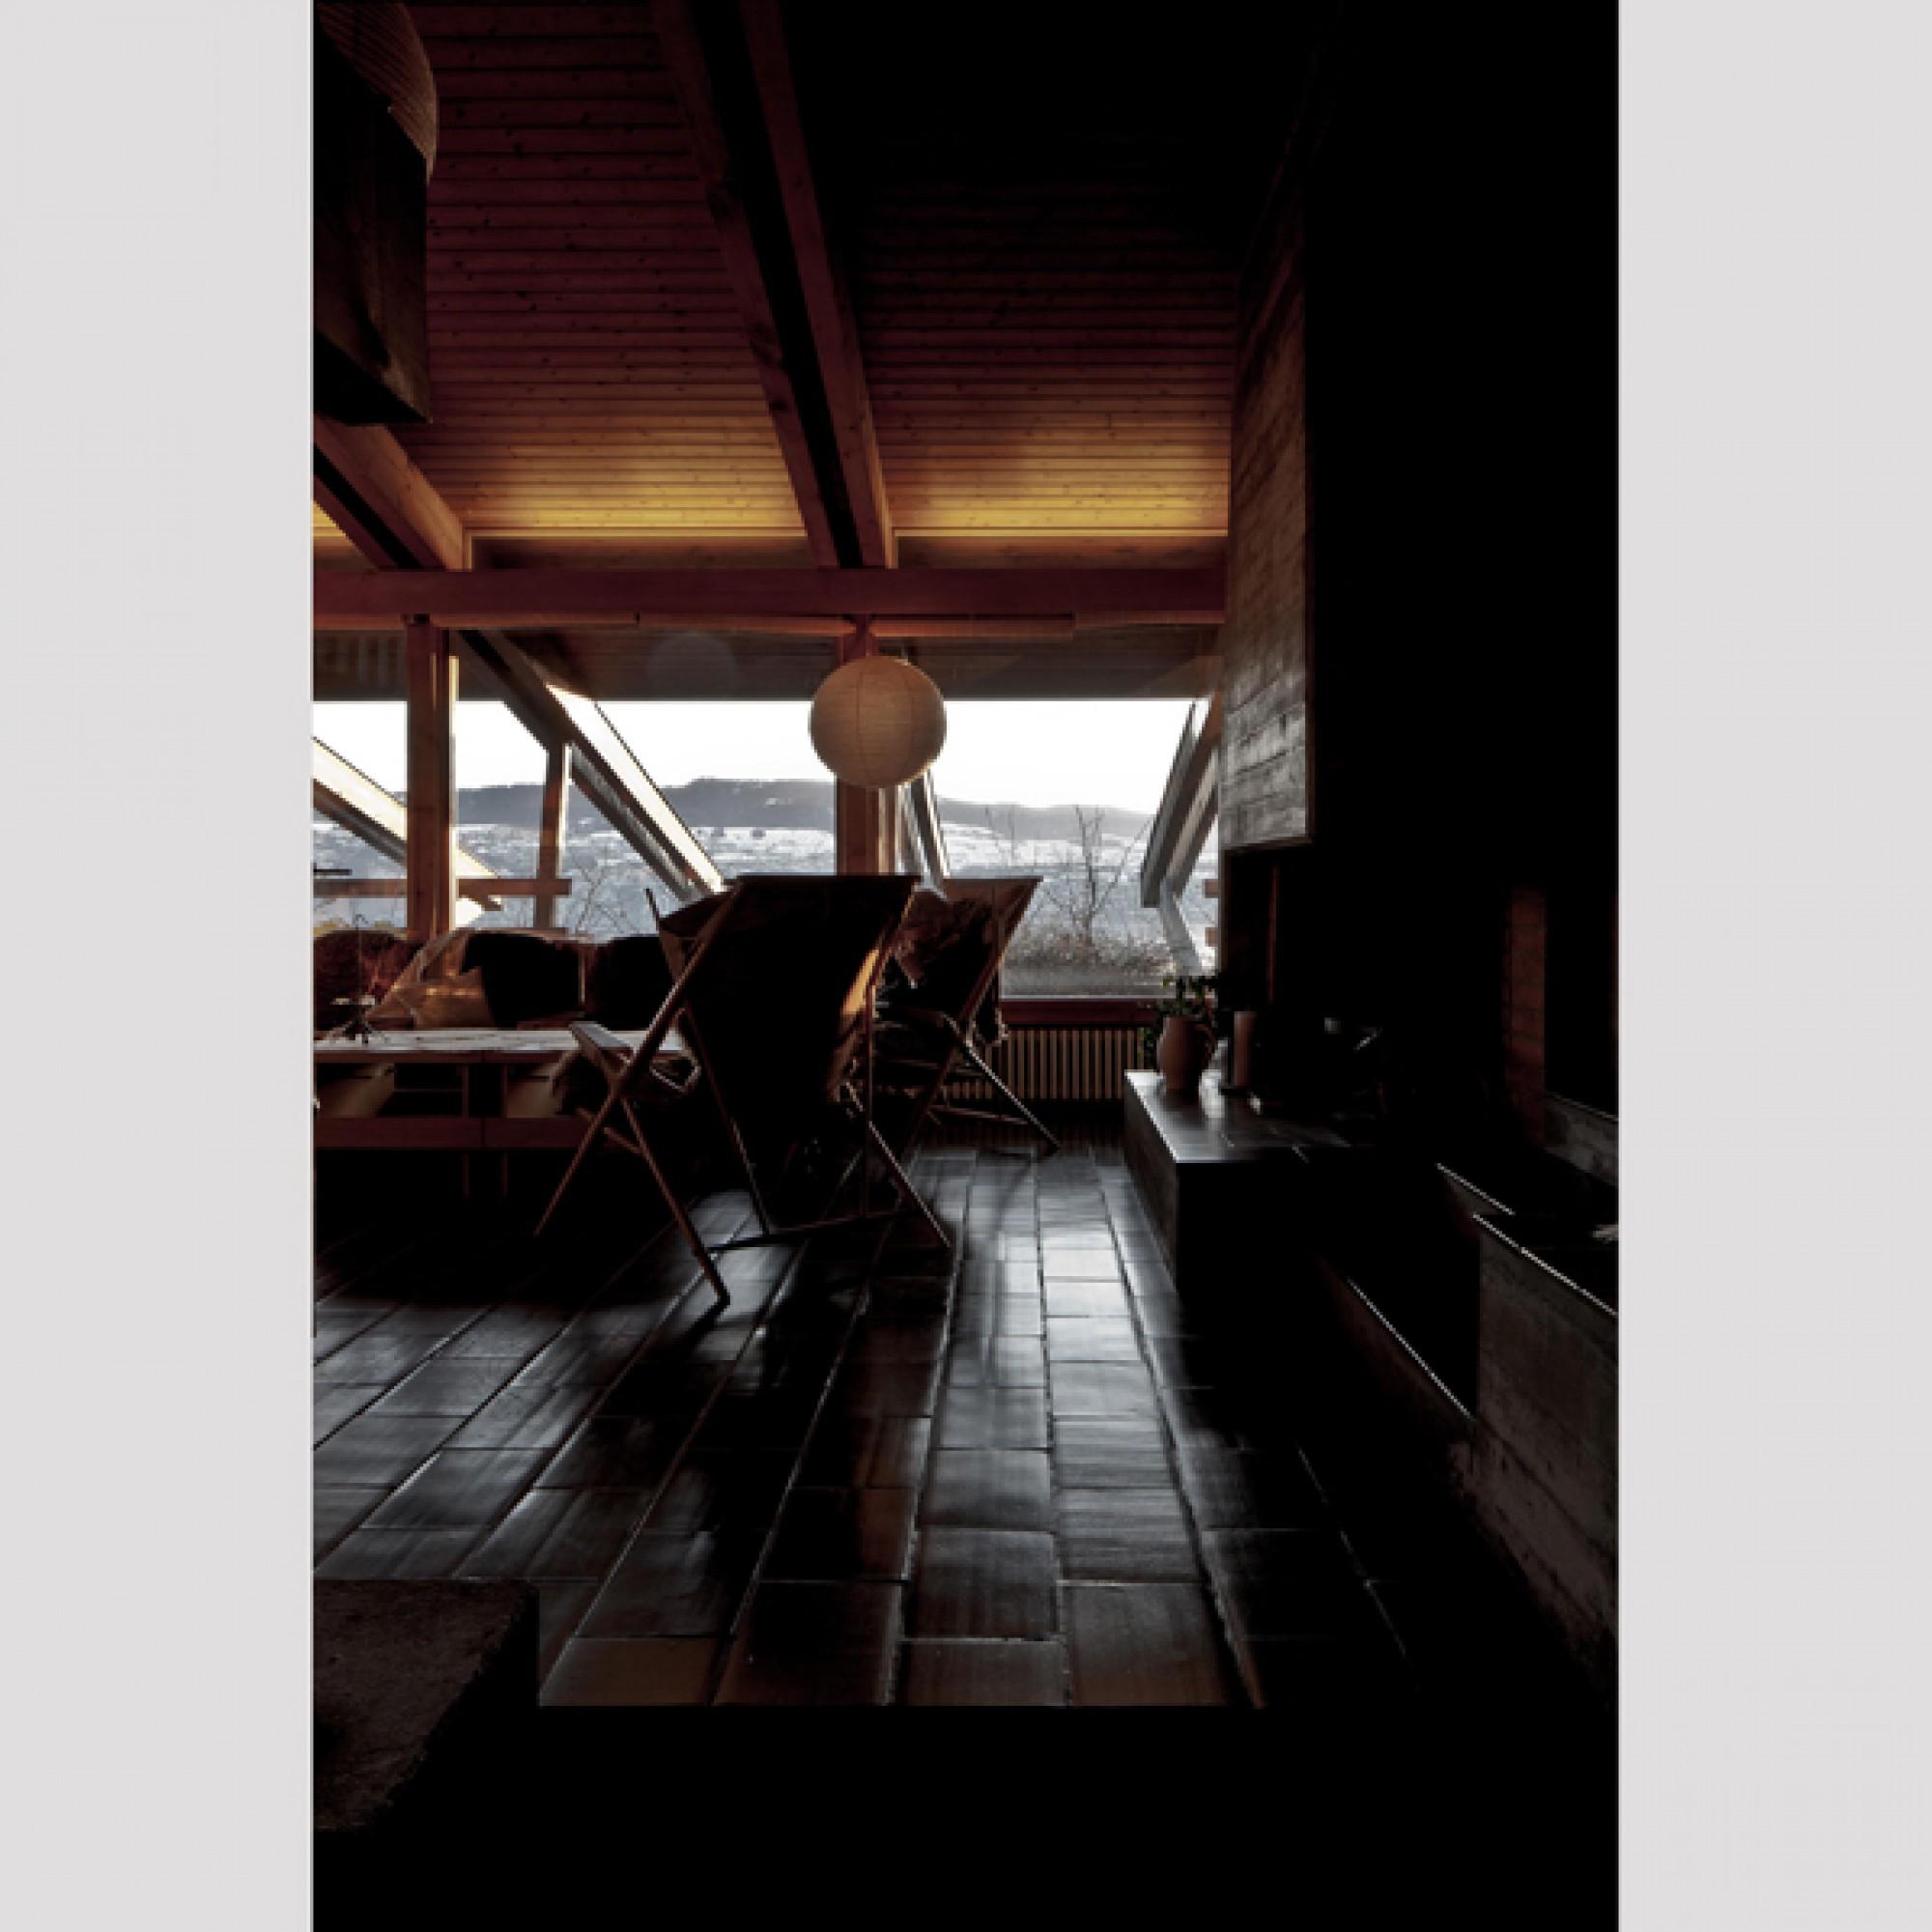 Haus Trümpler, Stäfa, 1961-65, Anbau 1987-89  (Christian Kahl, 2016 / SAM)